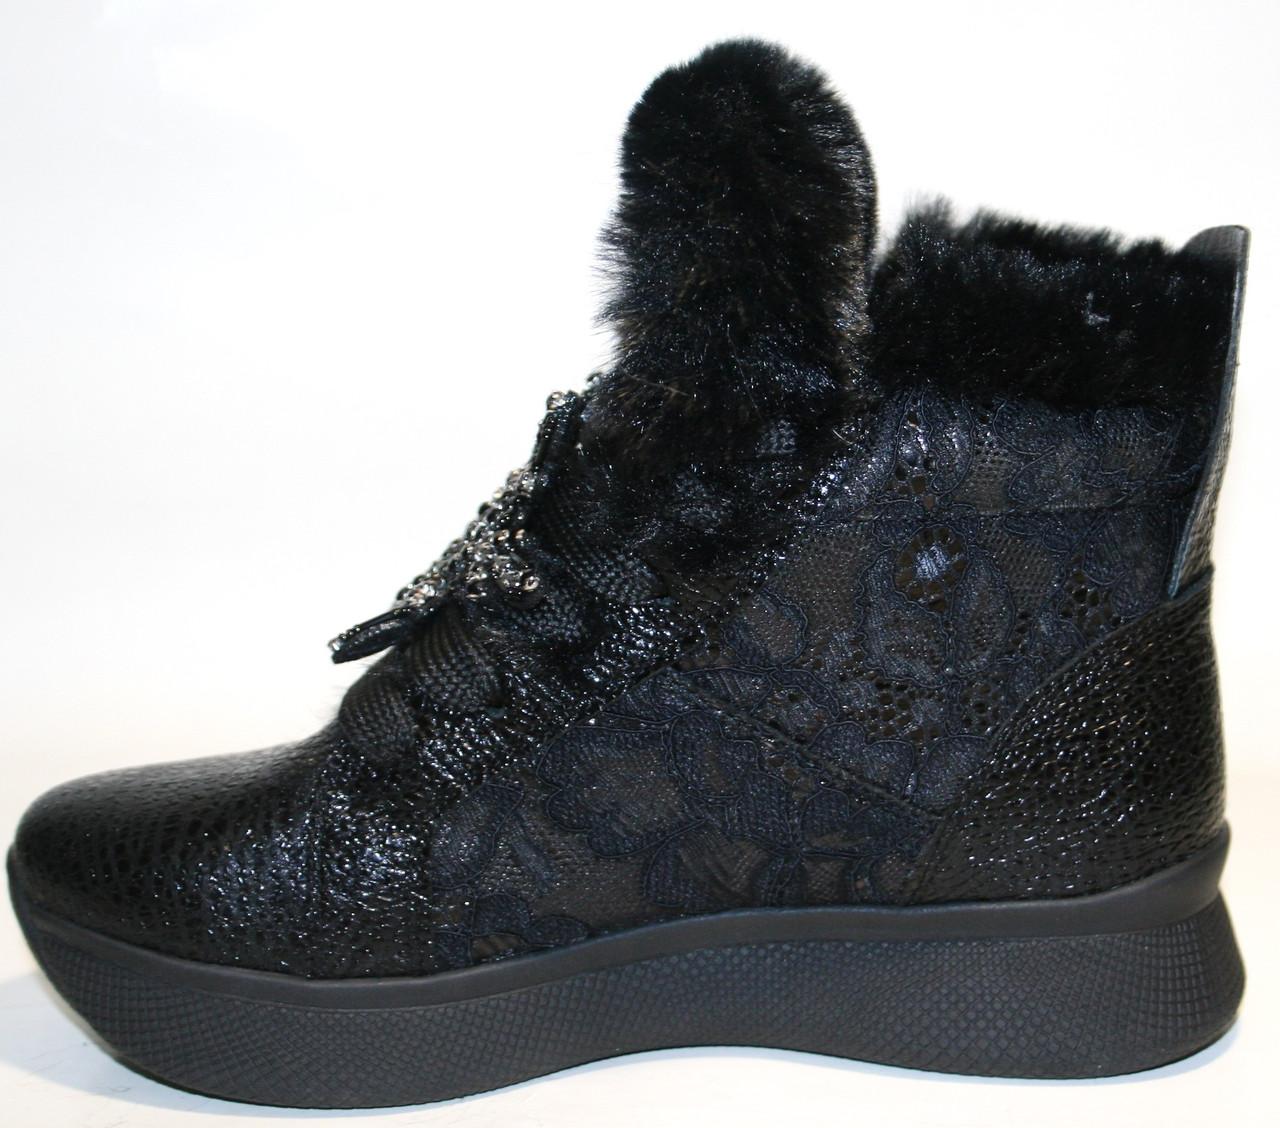 7f39610f ... Черные кроссовки сникерсы с мехом - кожаные кроссовки зимние женские  Kluchini-3843-k- ...